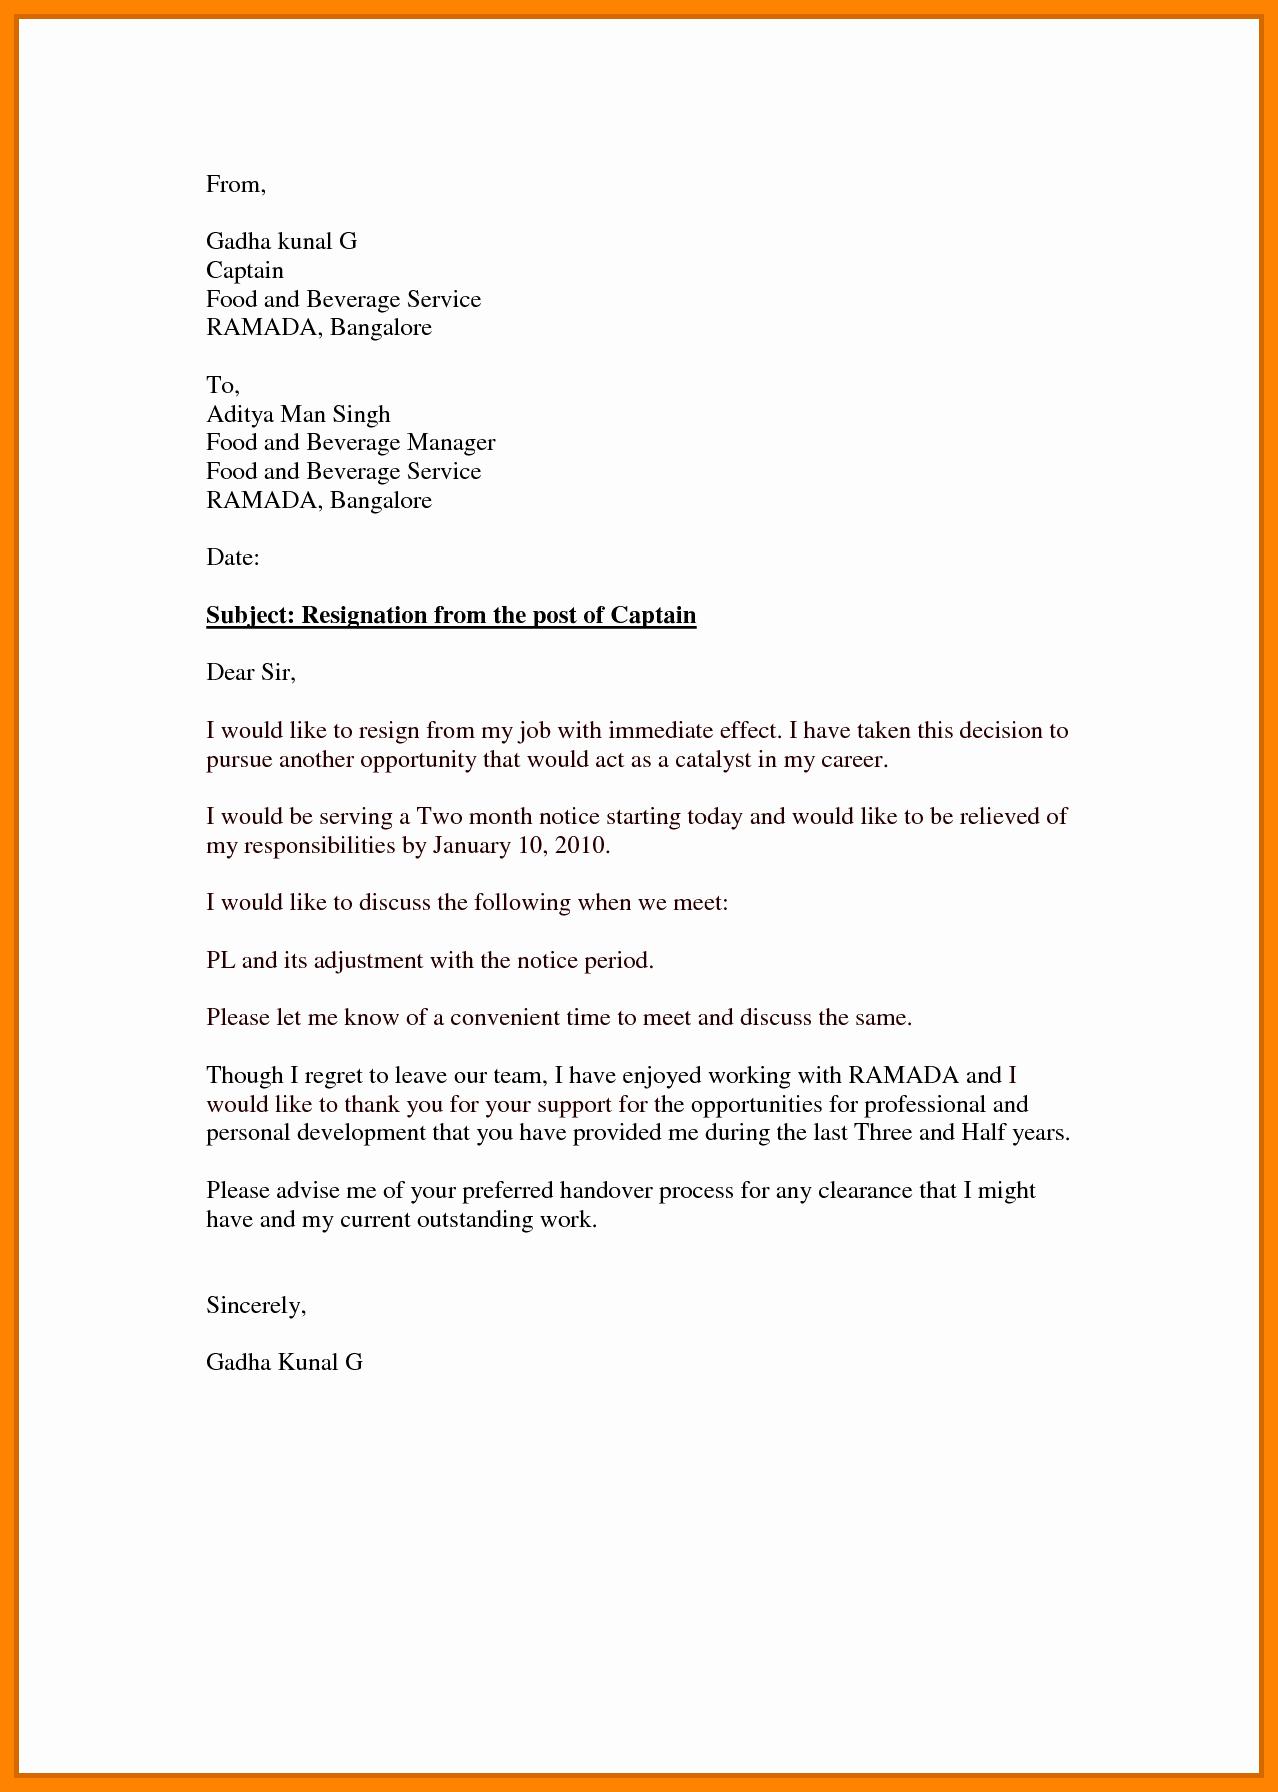 Resignation Letter Effective Immediately Elegant 7 Effective Immediately Resignation Letter